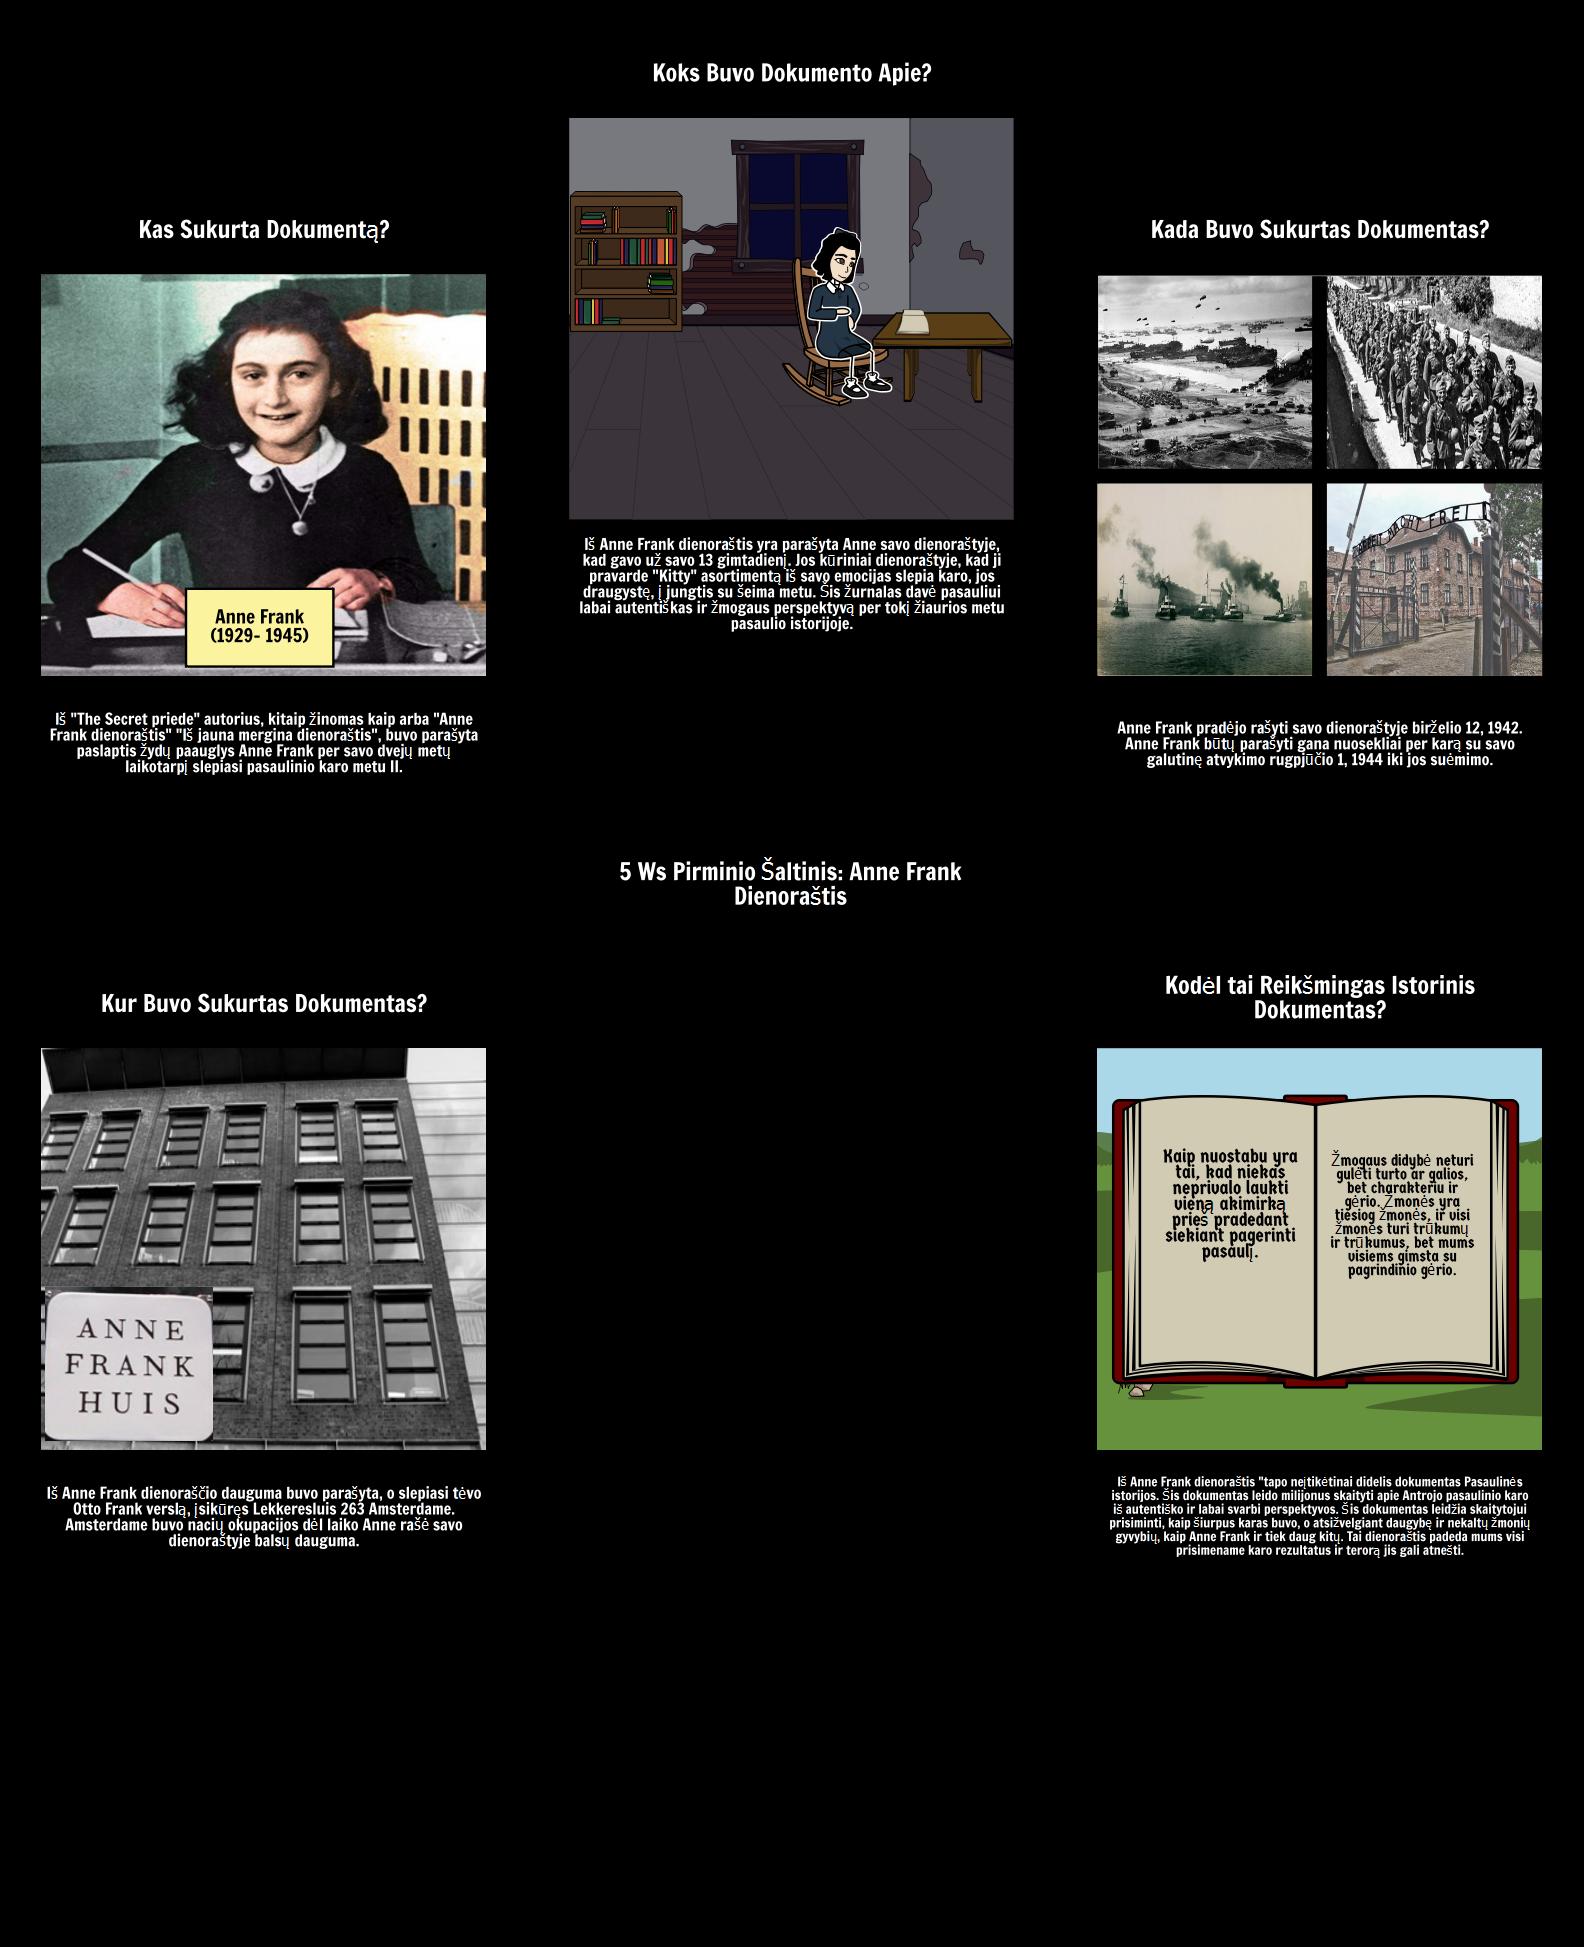 Pirminis šaltinis 5Ws: Iš Anne Frank dienoraštis